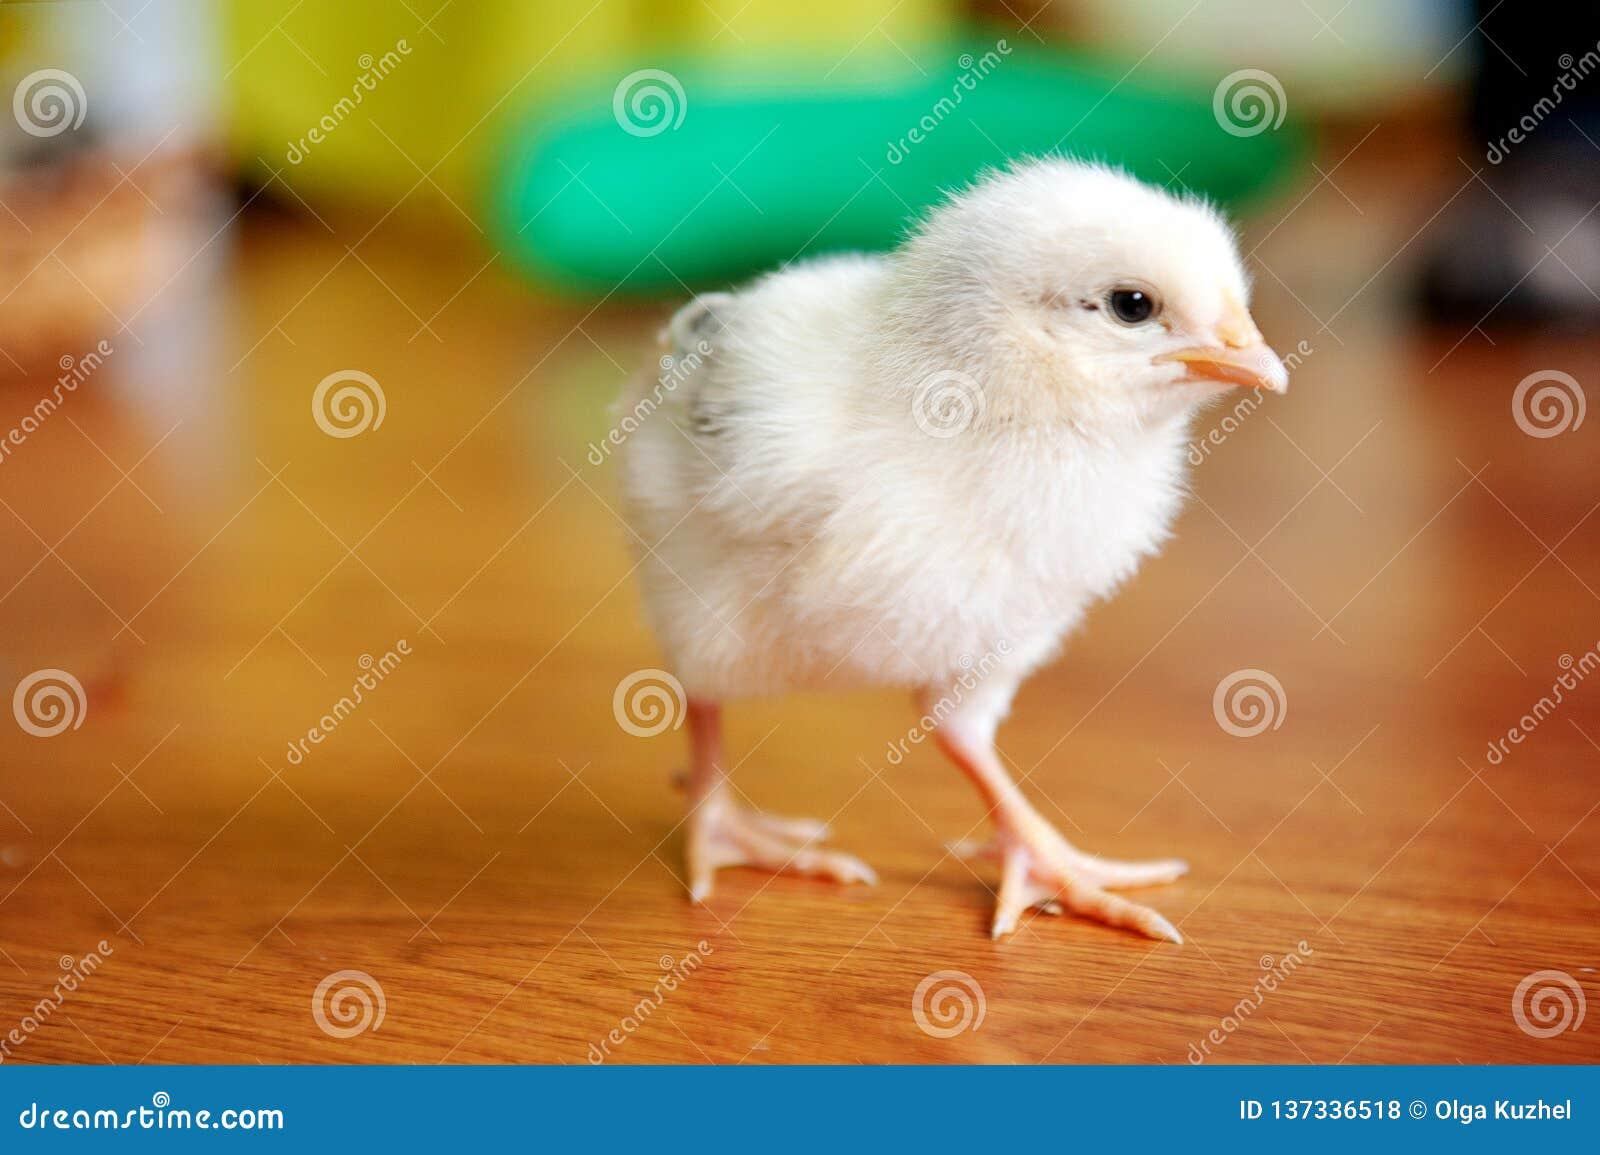 Mały żółty kurczak na drewnianej podłodze, Oba kurczątka, Nowonarodzonej kurczak